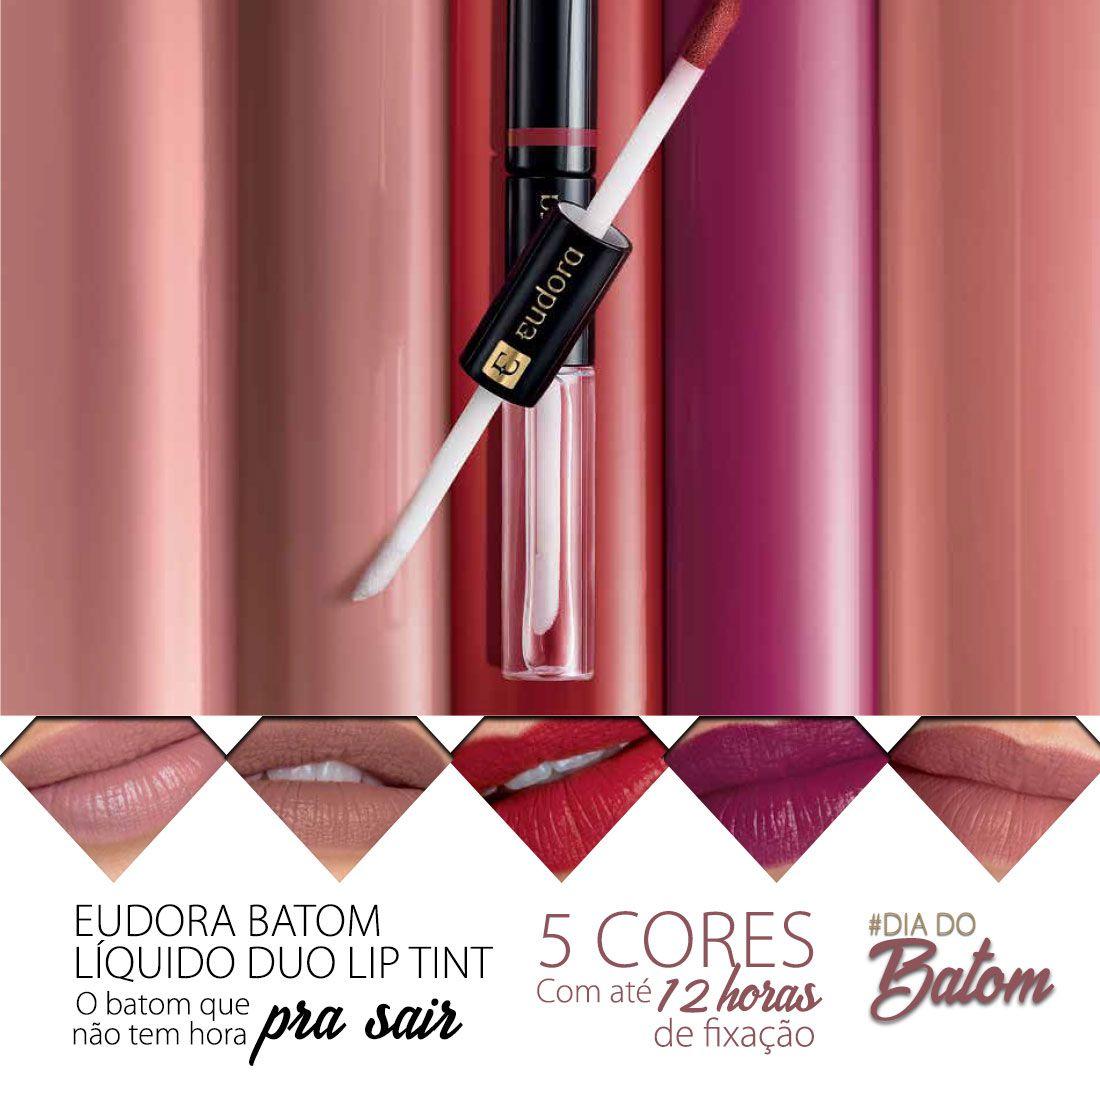 Batom Líquido Duo Lip Tint Eudora - 12 horas de fixação  - Shine Shop Perfumes e Cosméticos